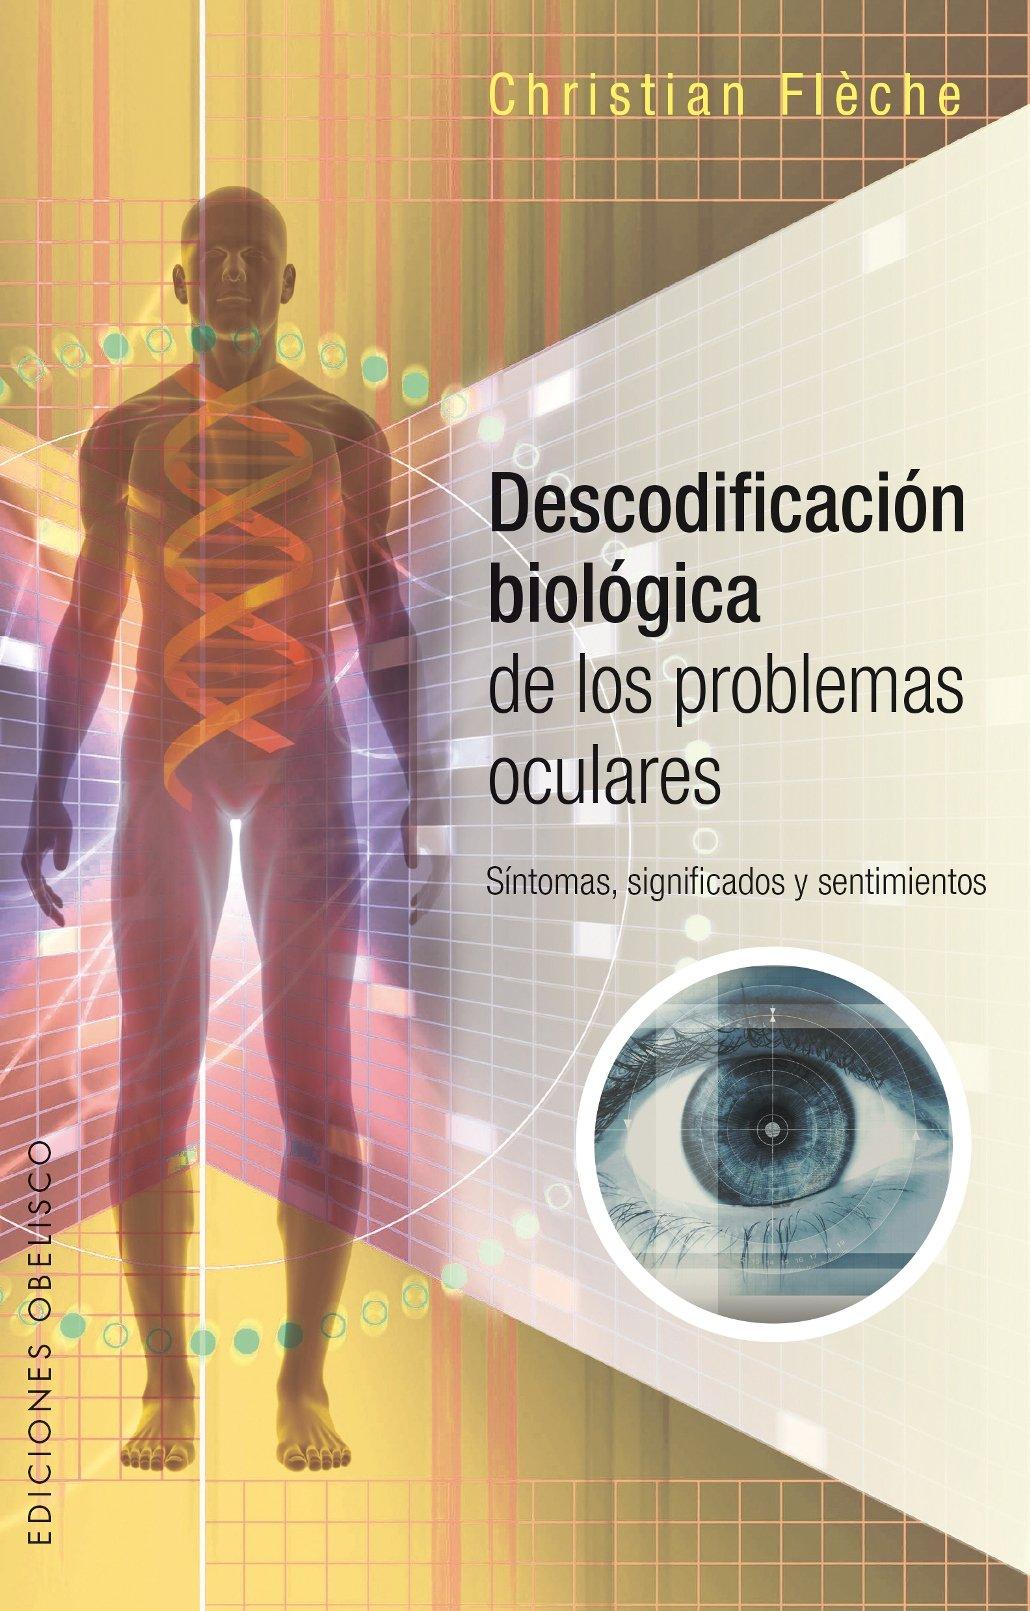 Descodificacion biologica de los problemas oculares (Spanish Edition) (Salud Y Vida Natural) ebook